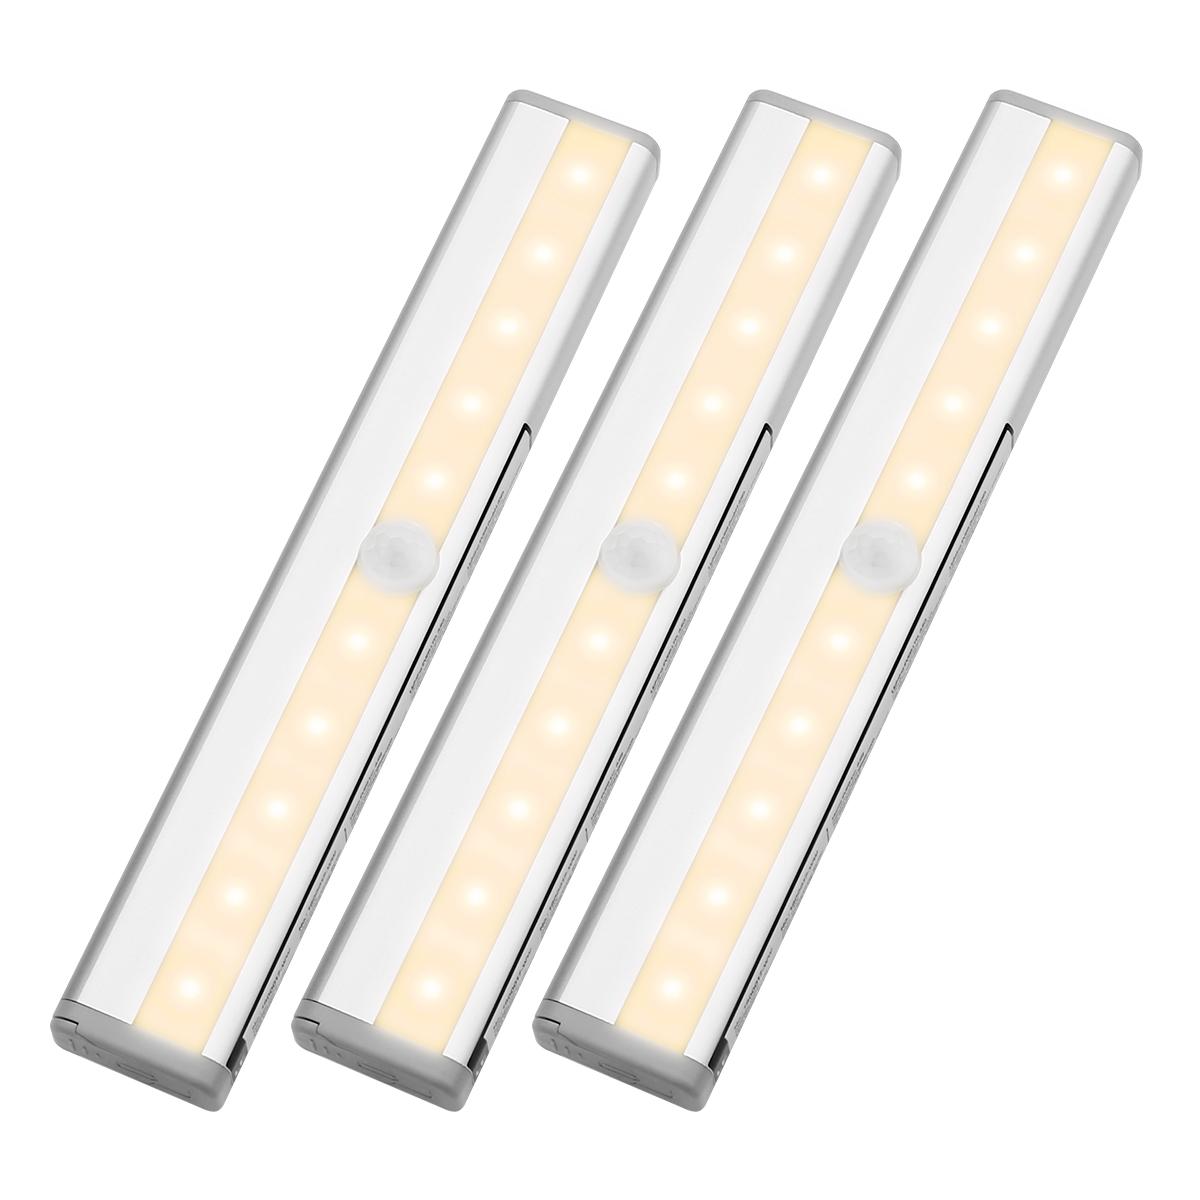 LED Unterbauleuchte, PIR Bewegungsmelder und Lichtsensor, 40lm Küchenlampen, Batteriebetrieben, ideal für Schrank, Küche, Gang usw., Warmweiß, 3er Set